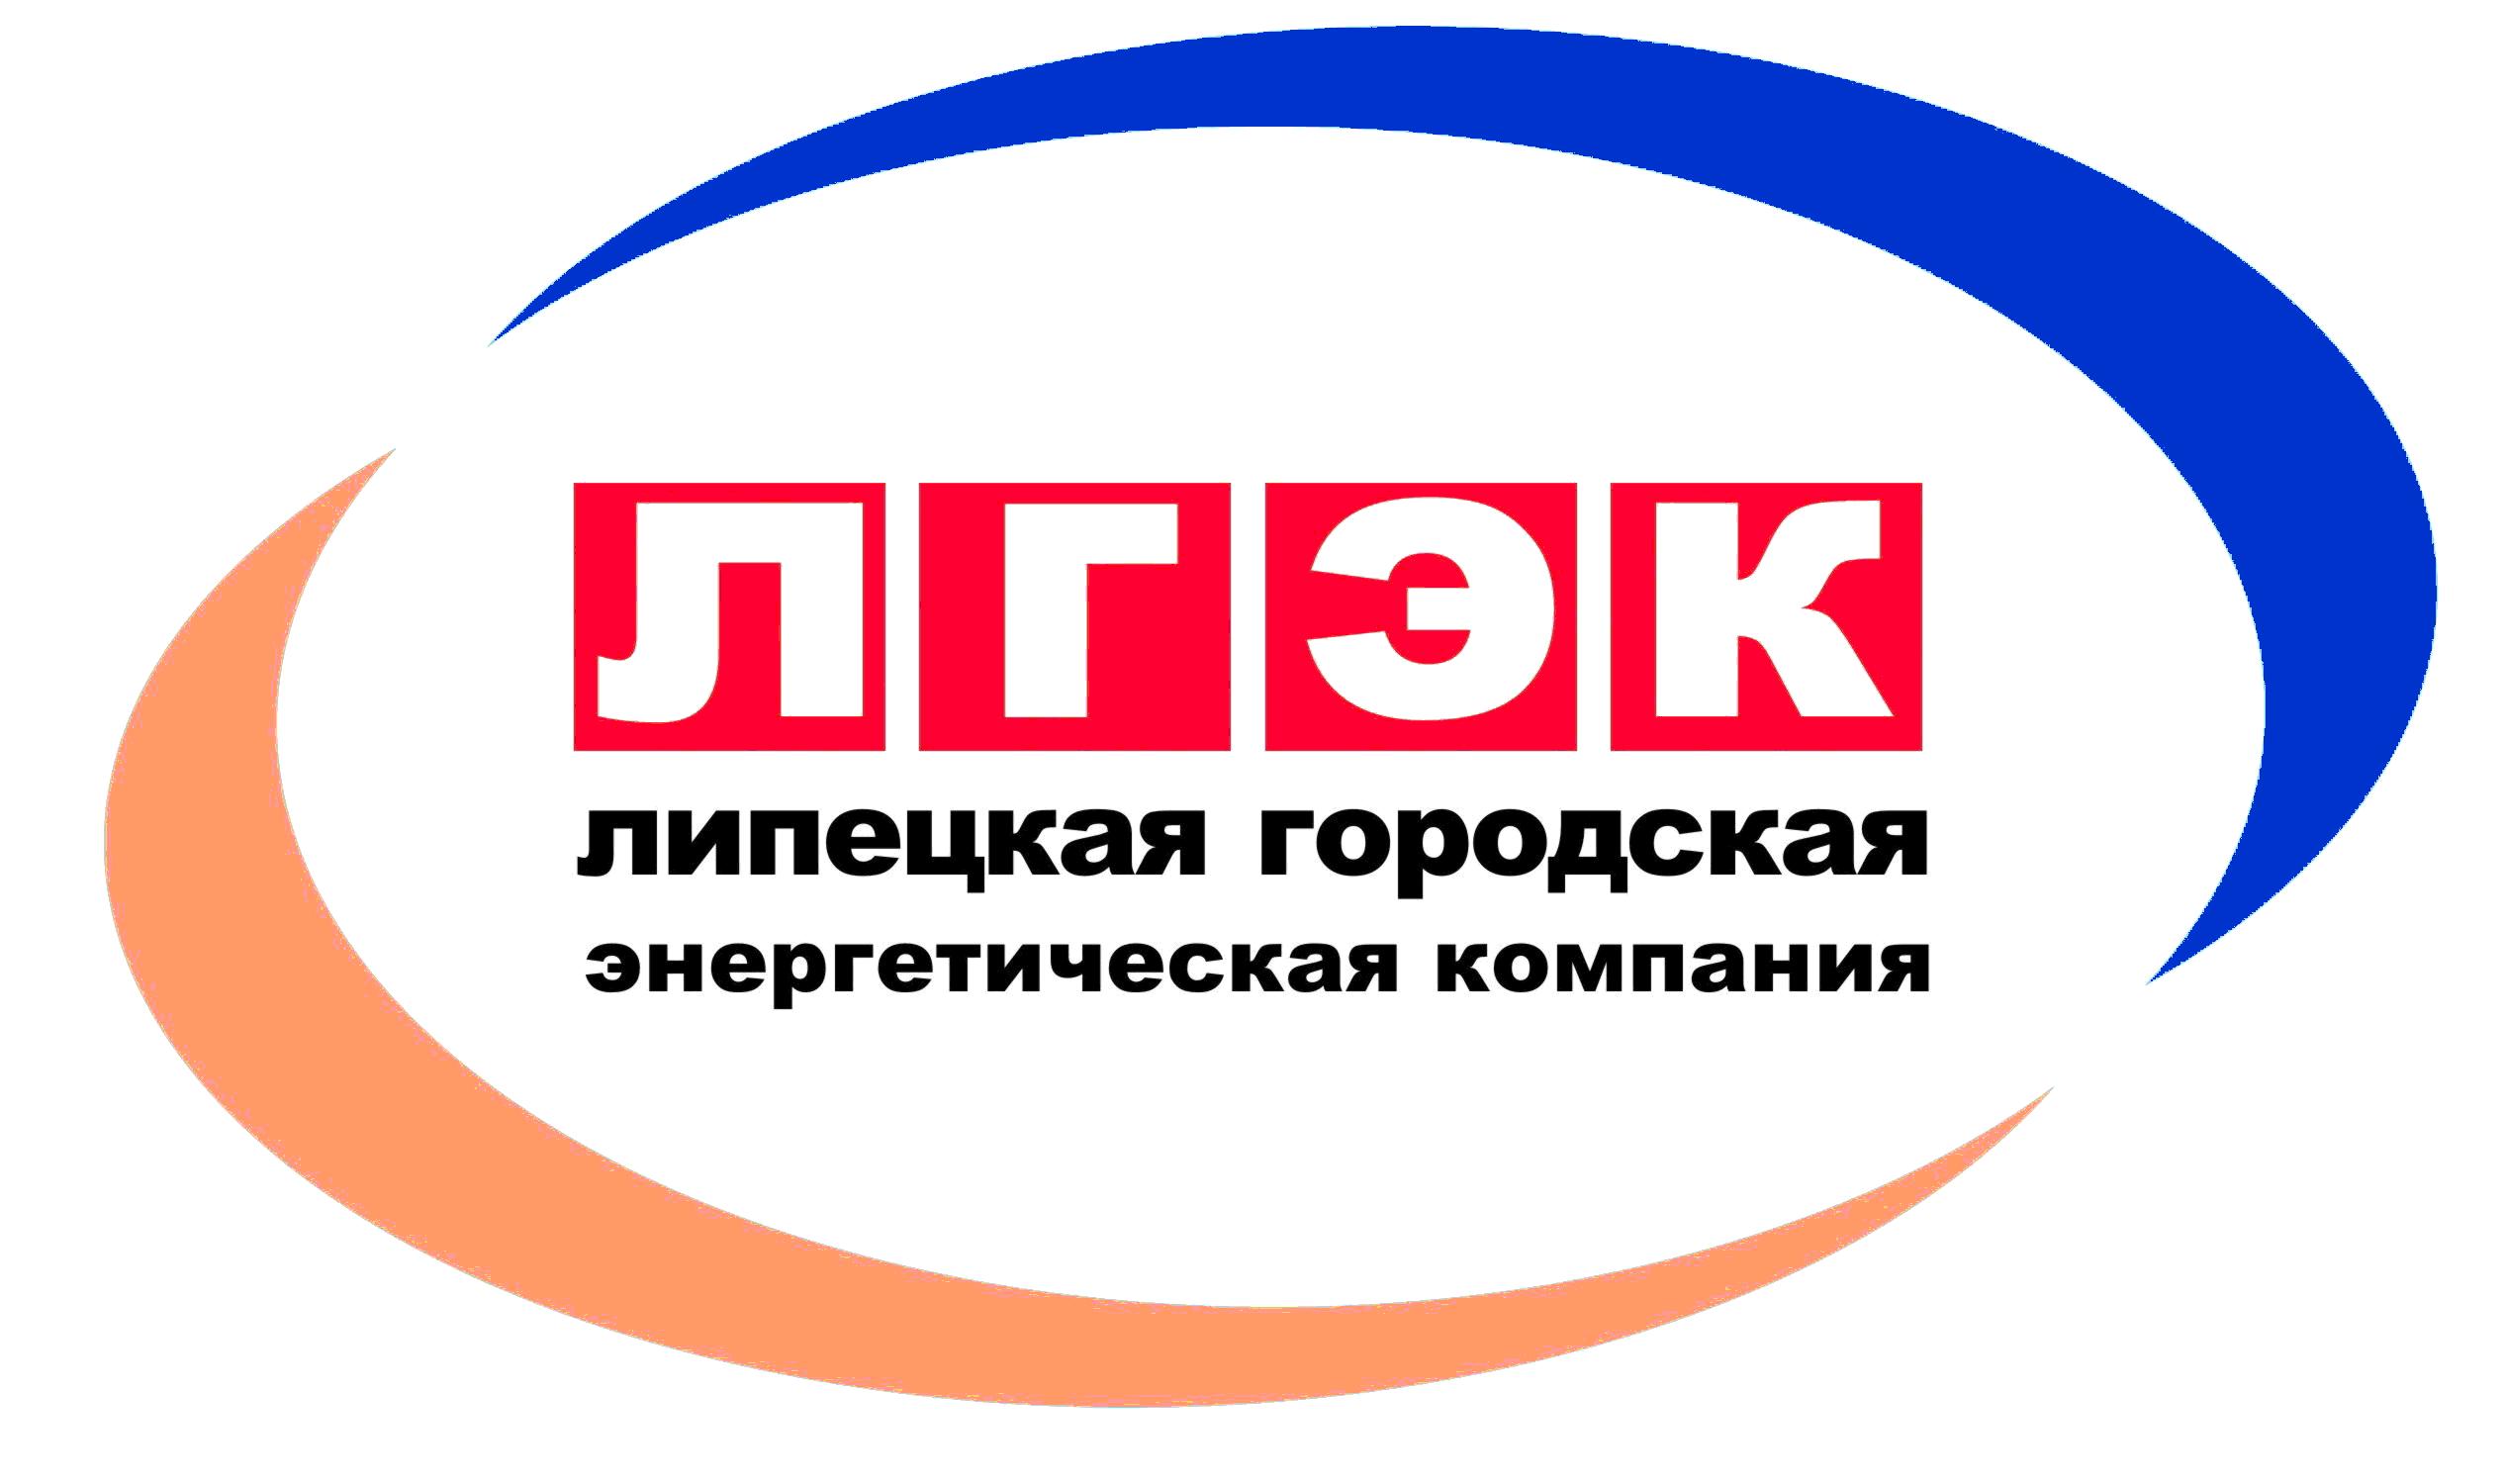 АО «Липецкая городская энергетическая компания»